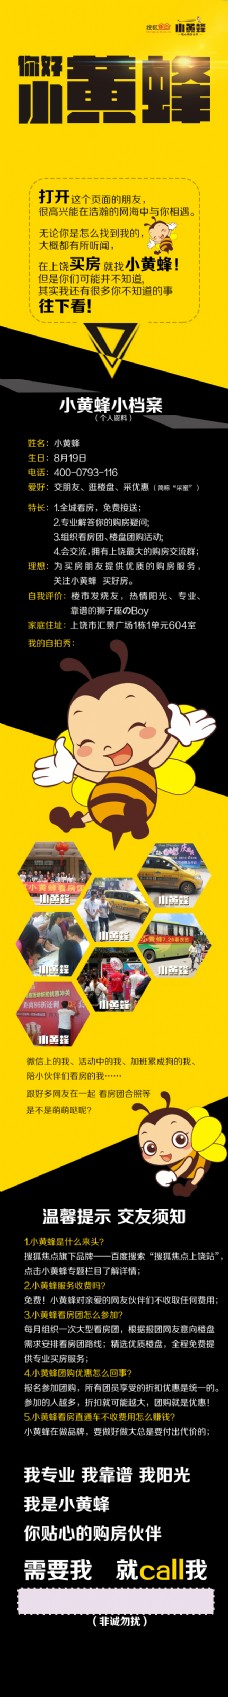 微信端小黄蜂档案